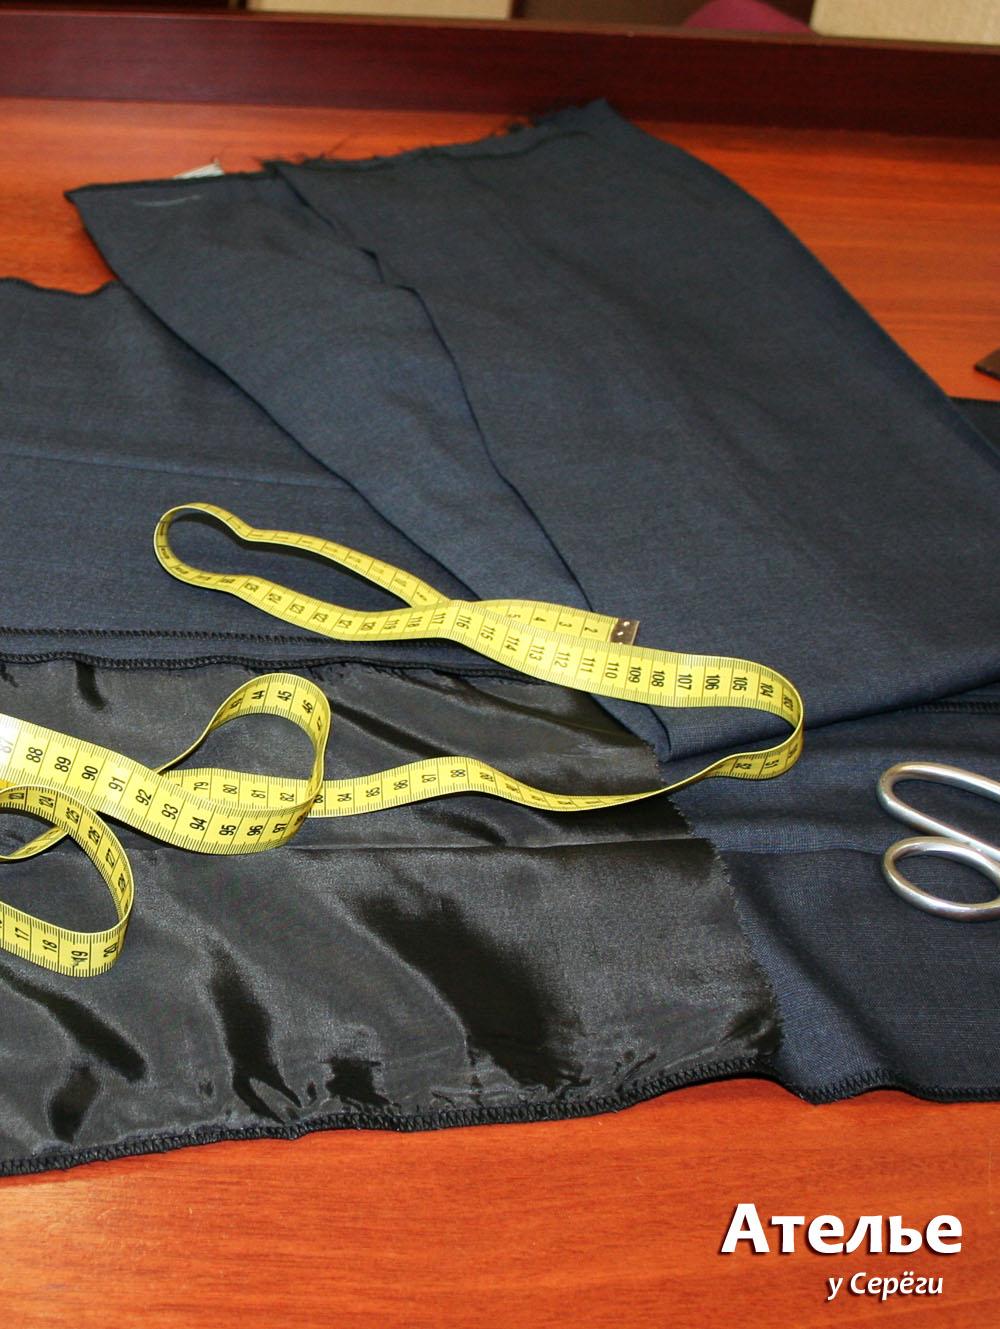 Перекрой брюк - стачиваем швы